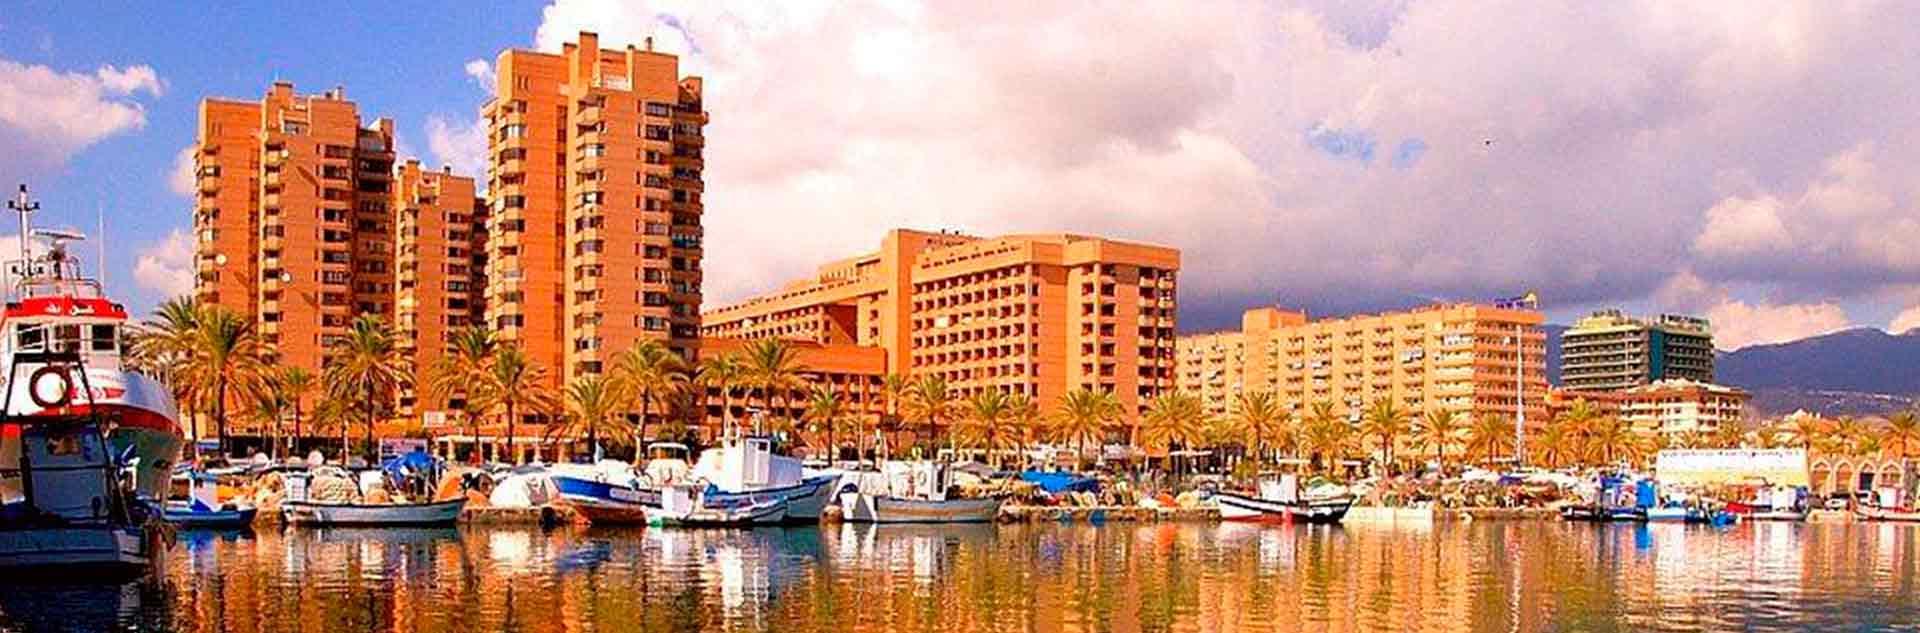 Hotel las Palmeras visto desde el puerto